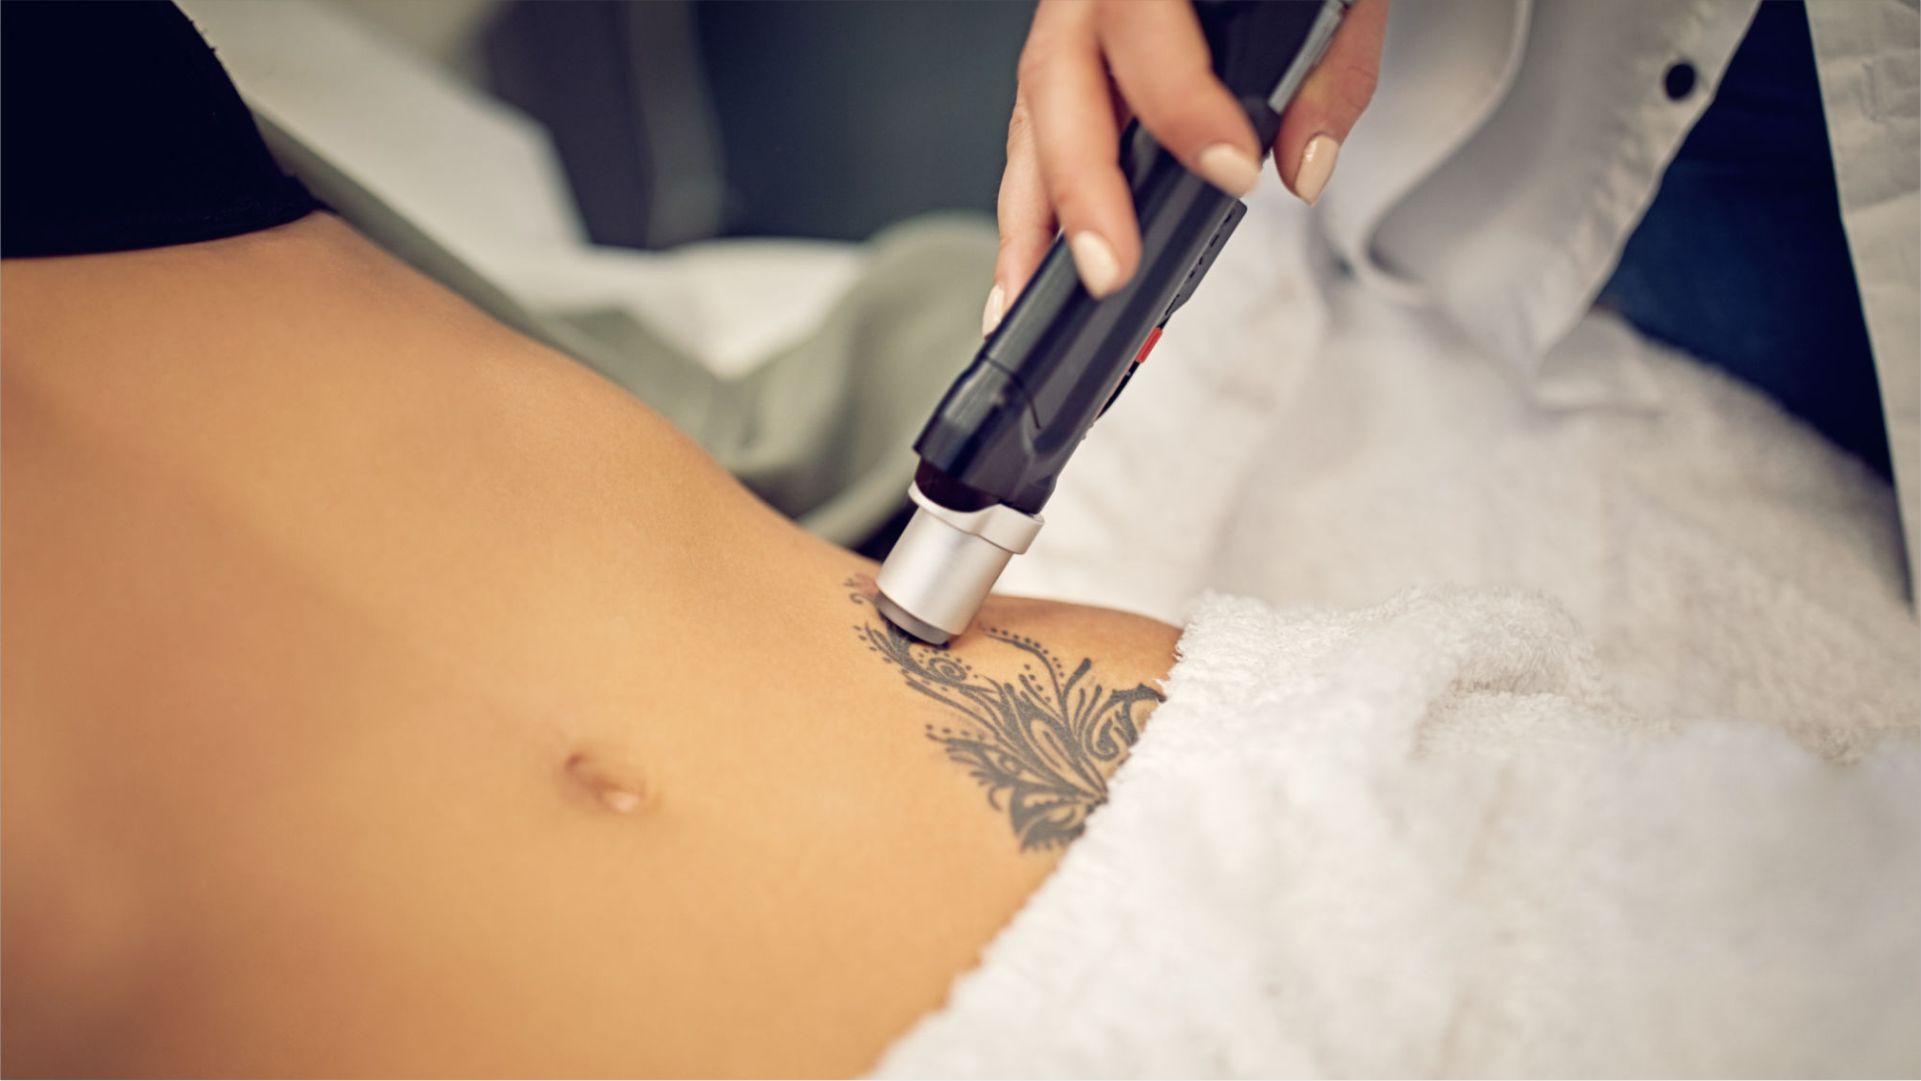 Técnica láser para borrar tus tatuajes y los riesgos que conlleva para tu salud ocular.